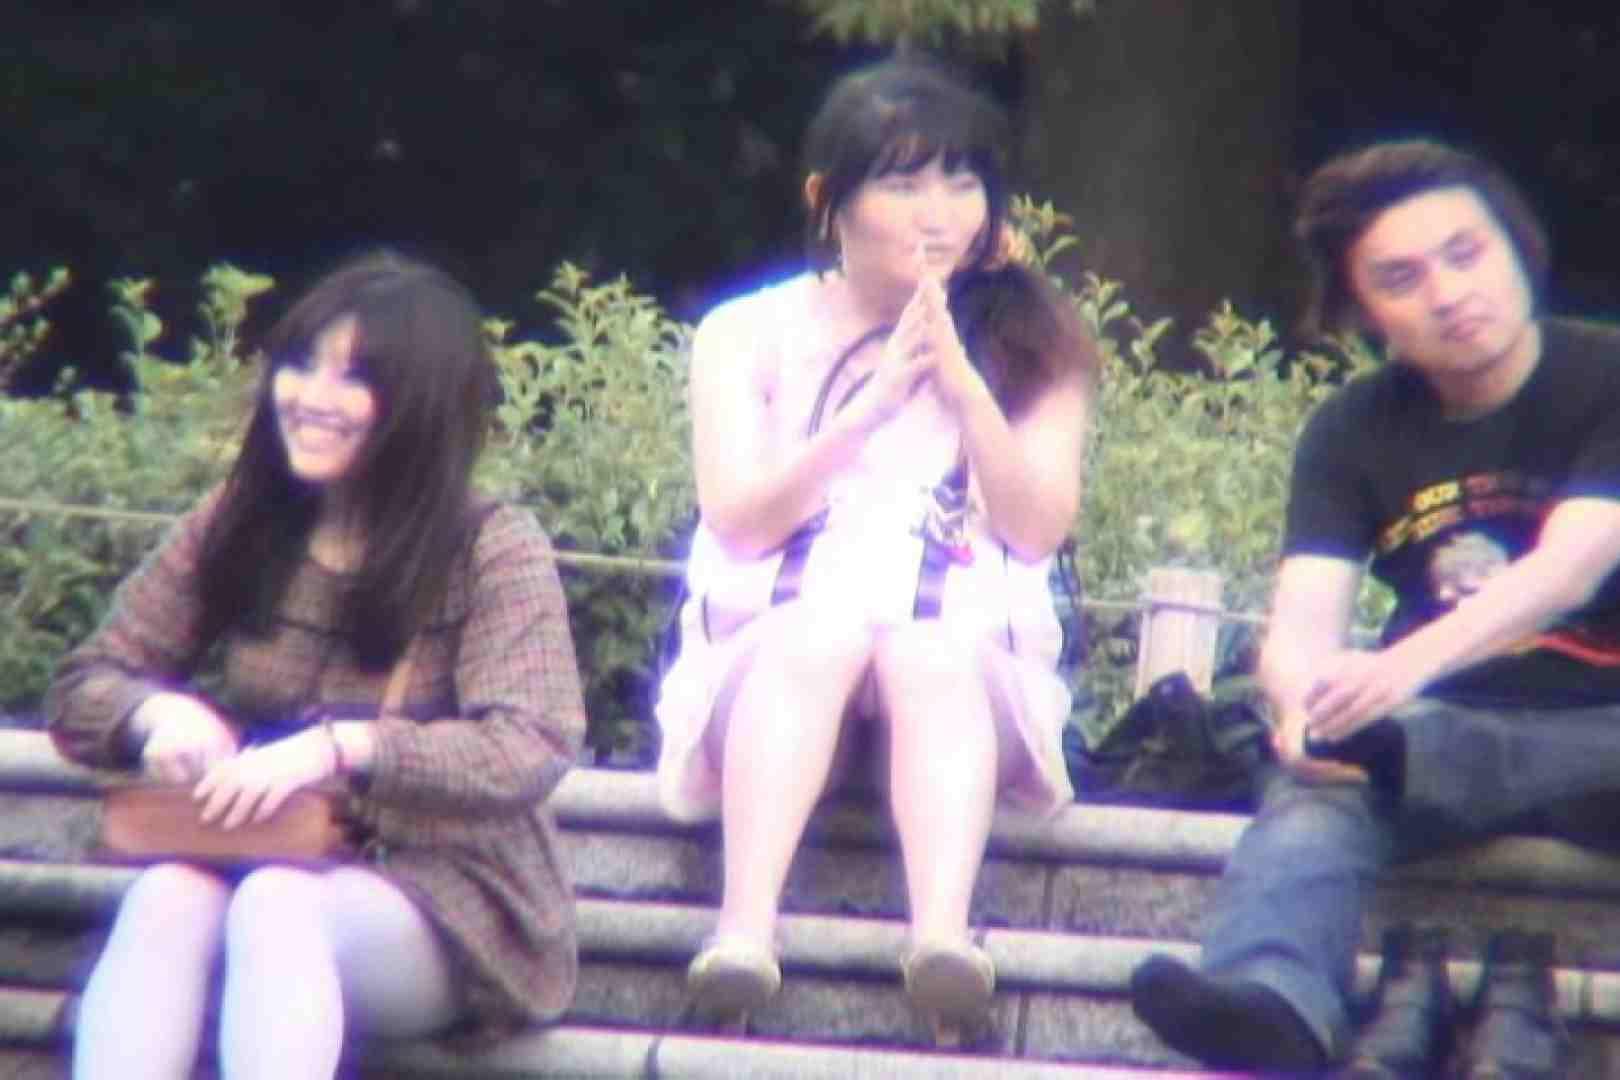 超最新版!春夏秋冬 vol.04 オマタ | ビッチなギャル  64pic 45